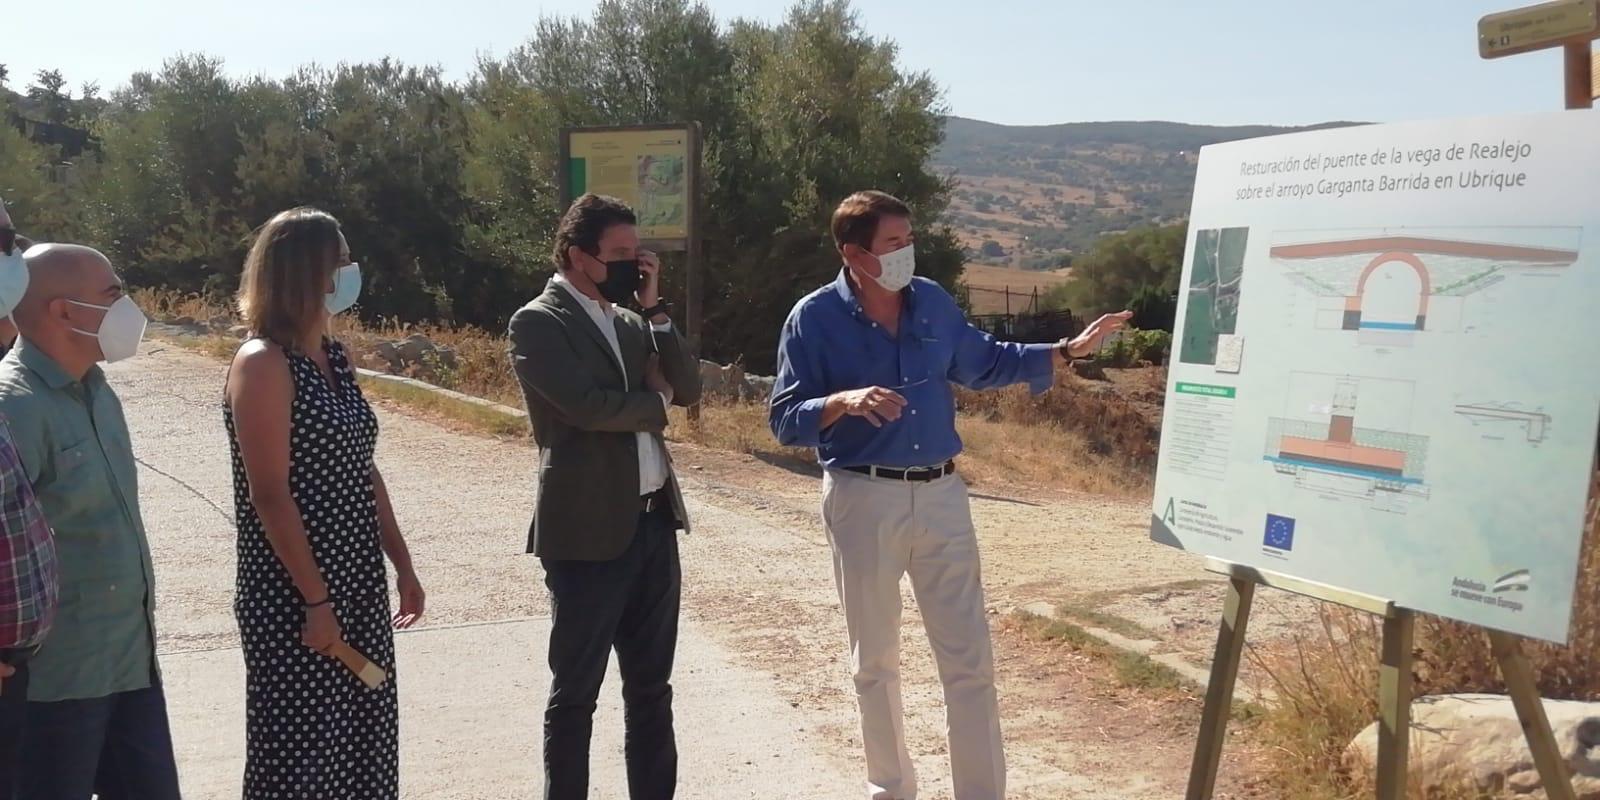 El delegado territorial de la Junta explica el proyecto de rehabilitación del puente.